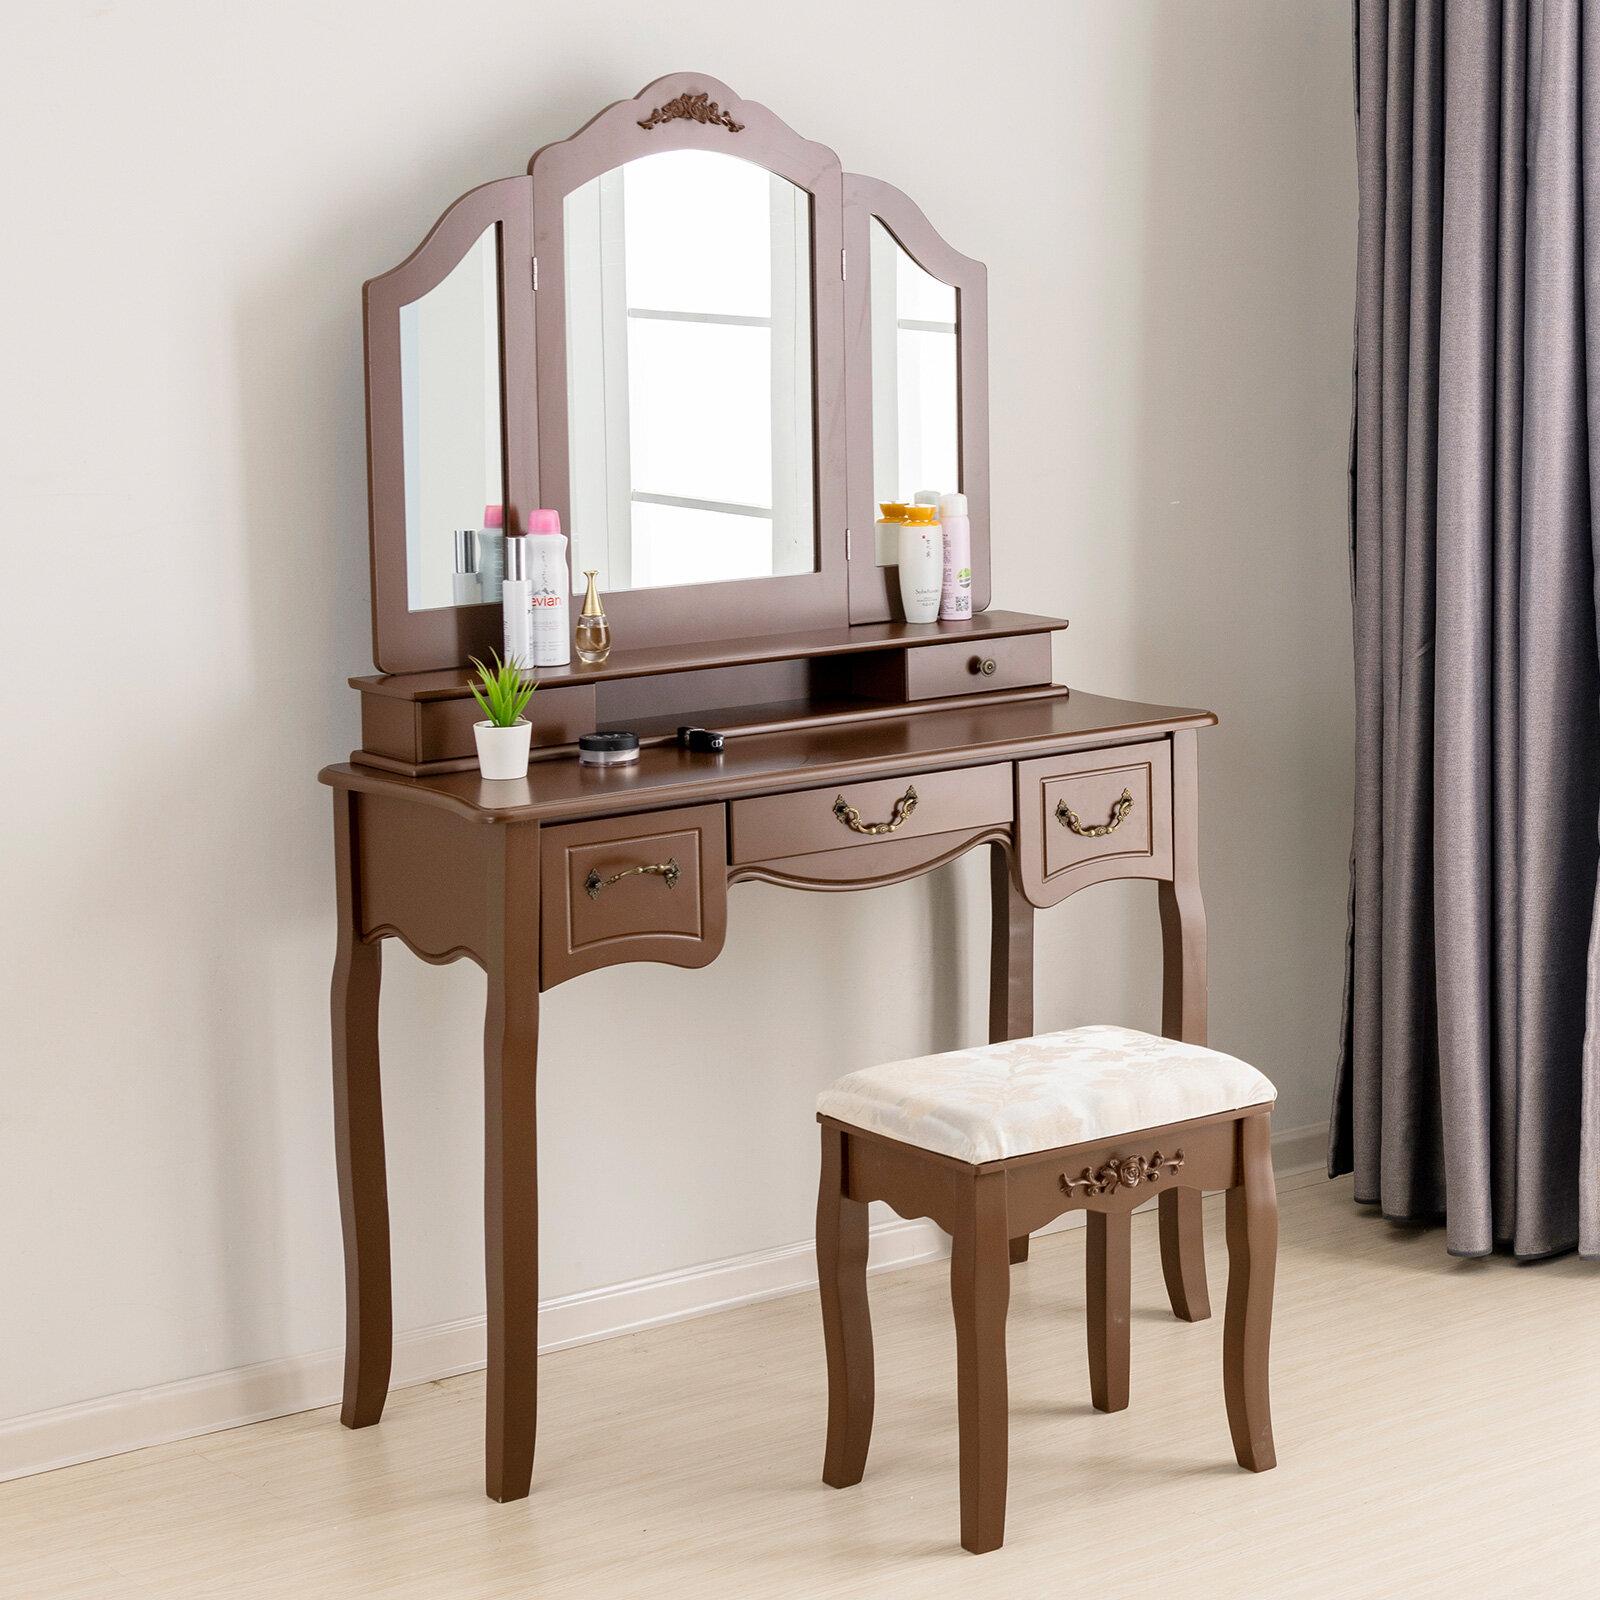 hanes makeup vanity set with mirror